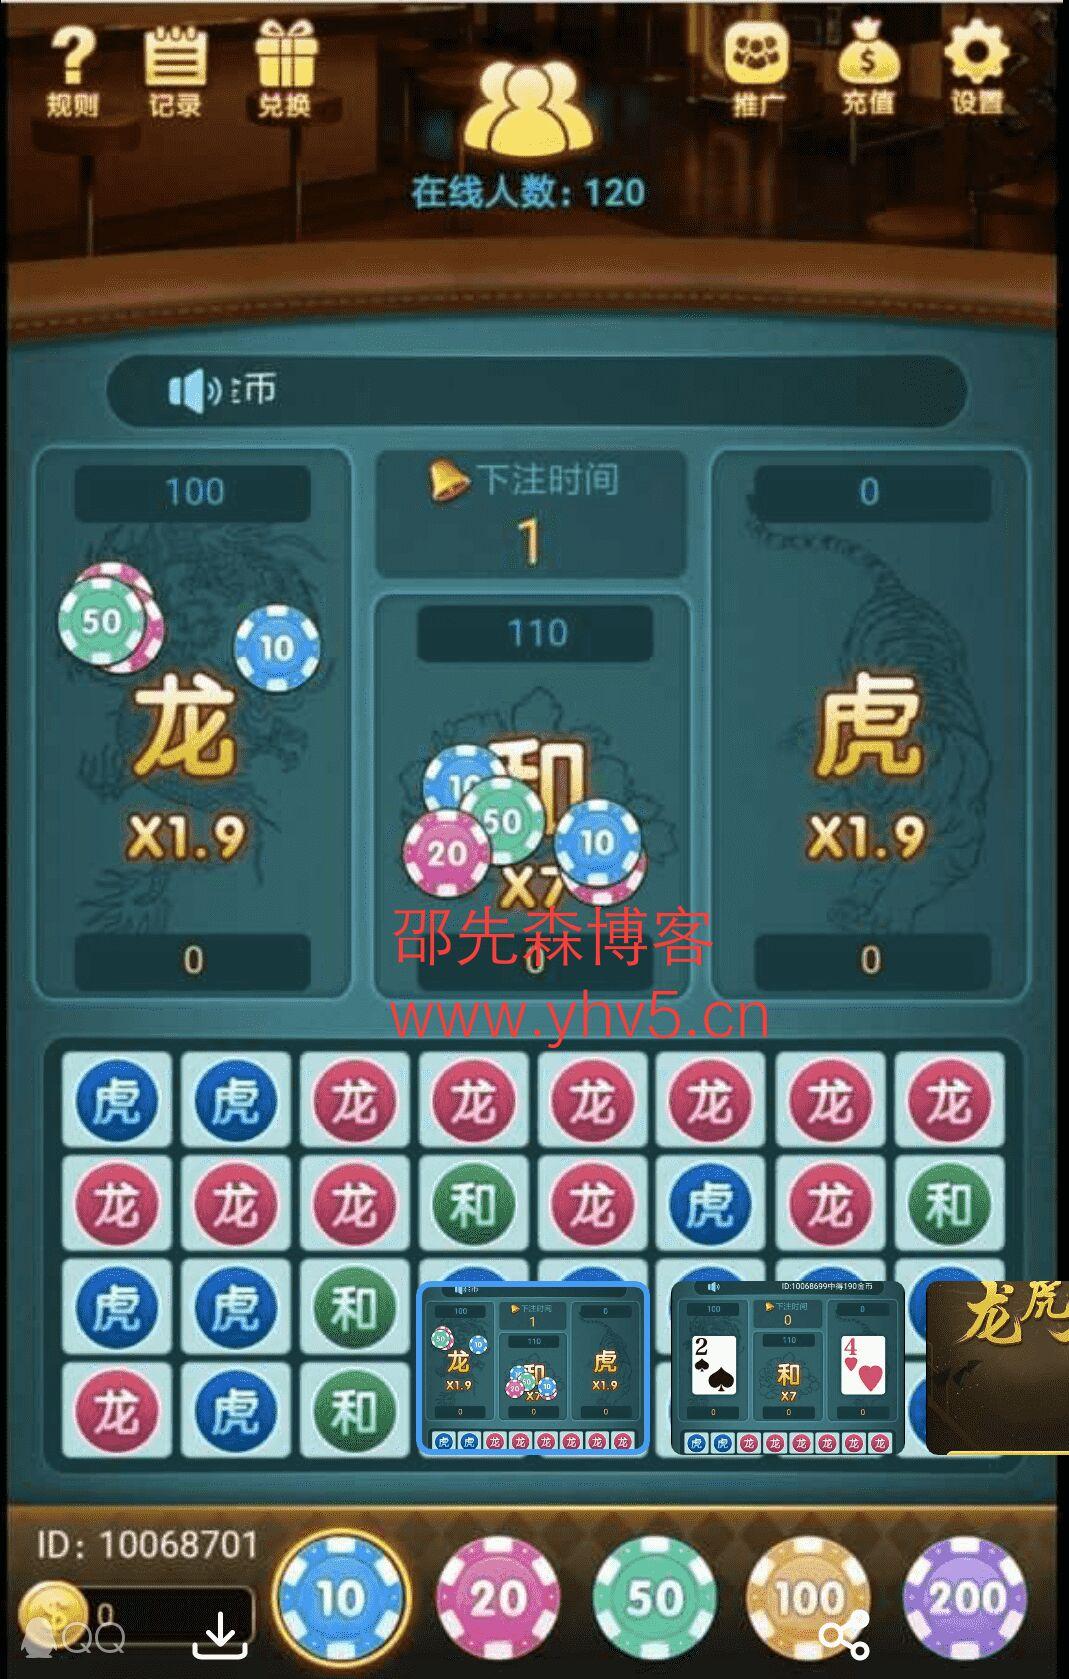 最新修复免公众号H5龙虎斗完整版源码+搭建教程 游戏源码 第1张